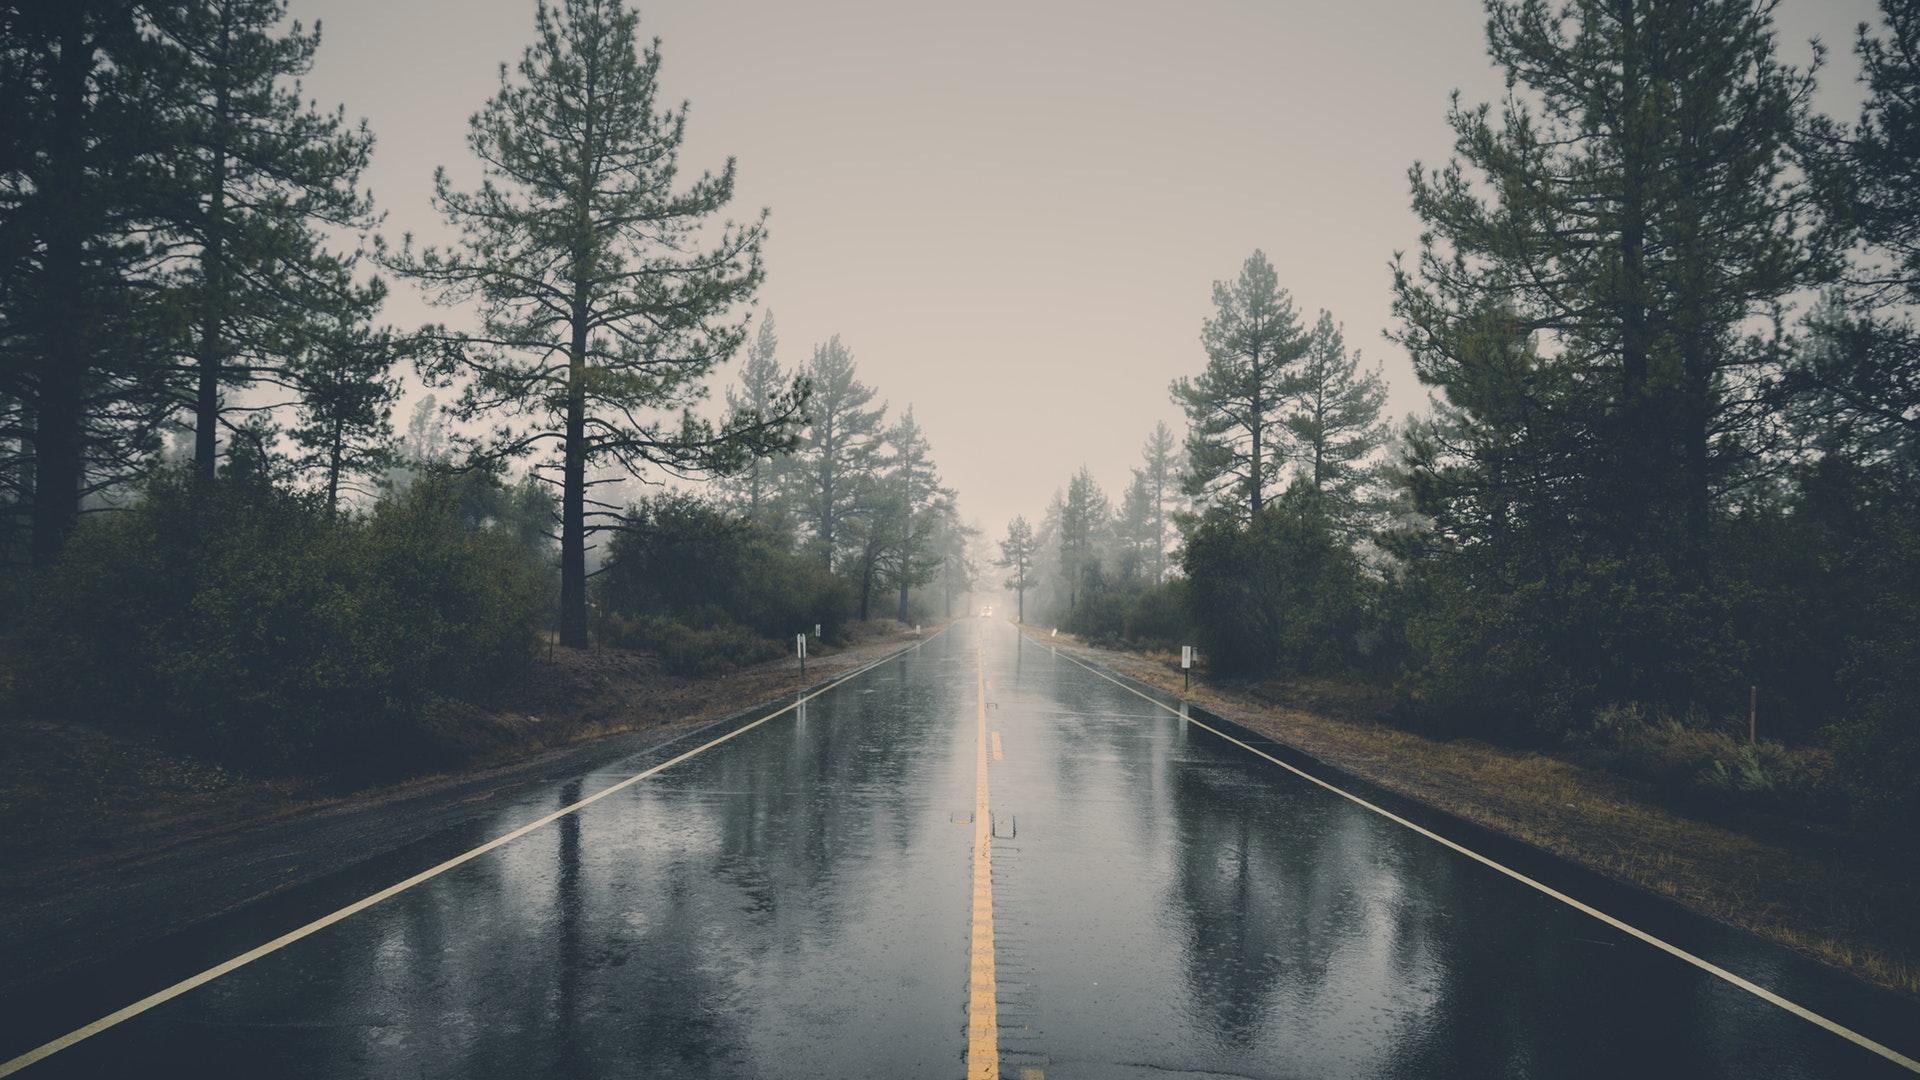 nature mist landscape reflection trees rain forest 1920x1080